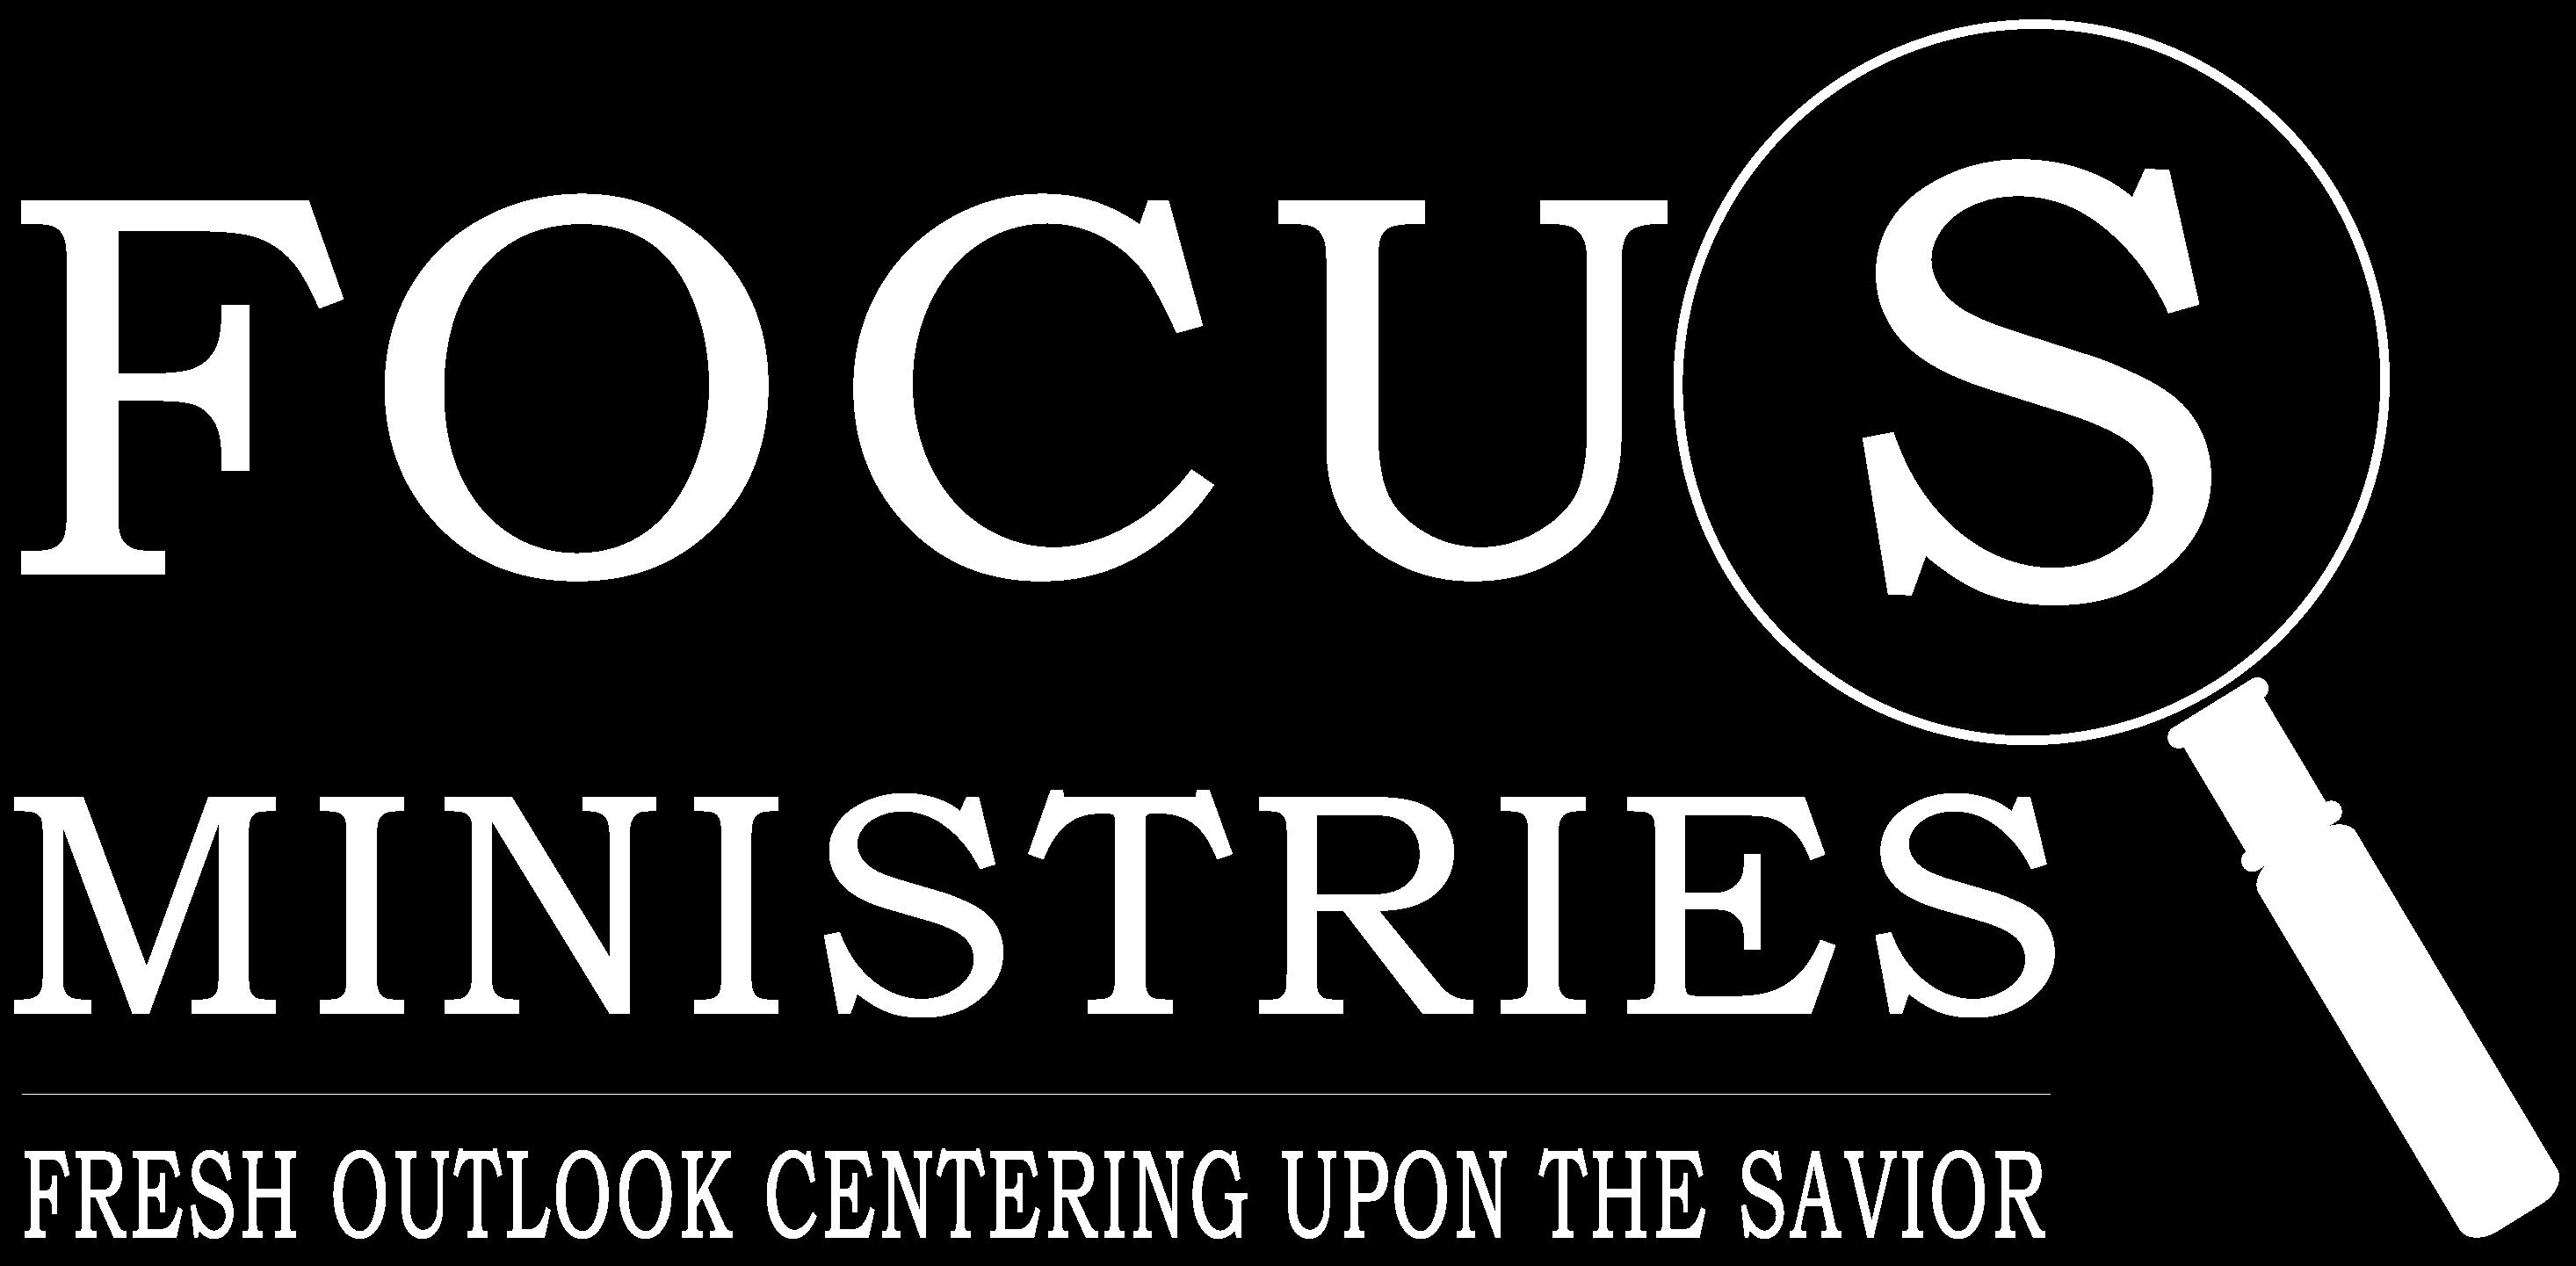 Focus Ministries